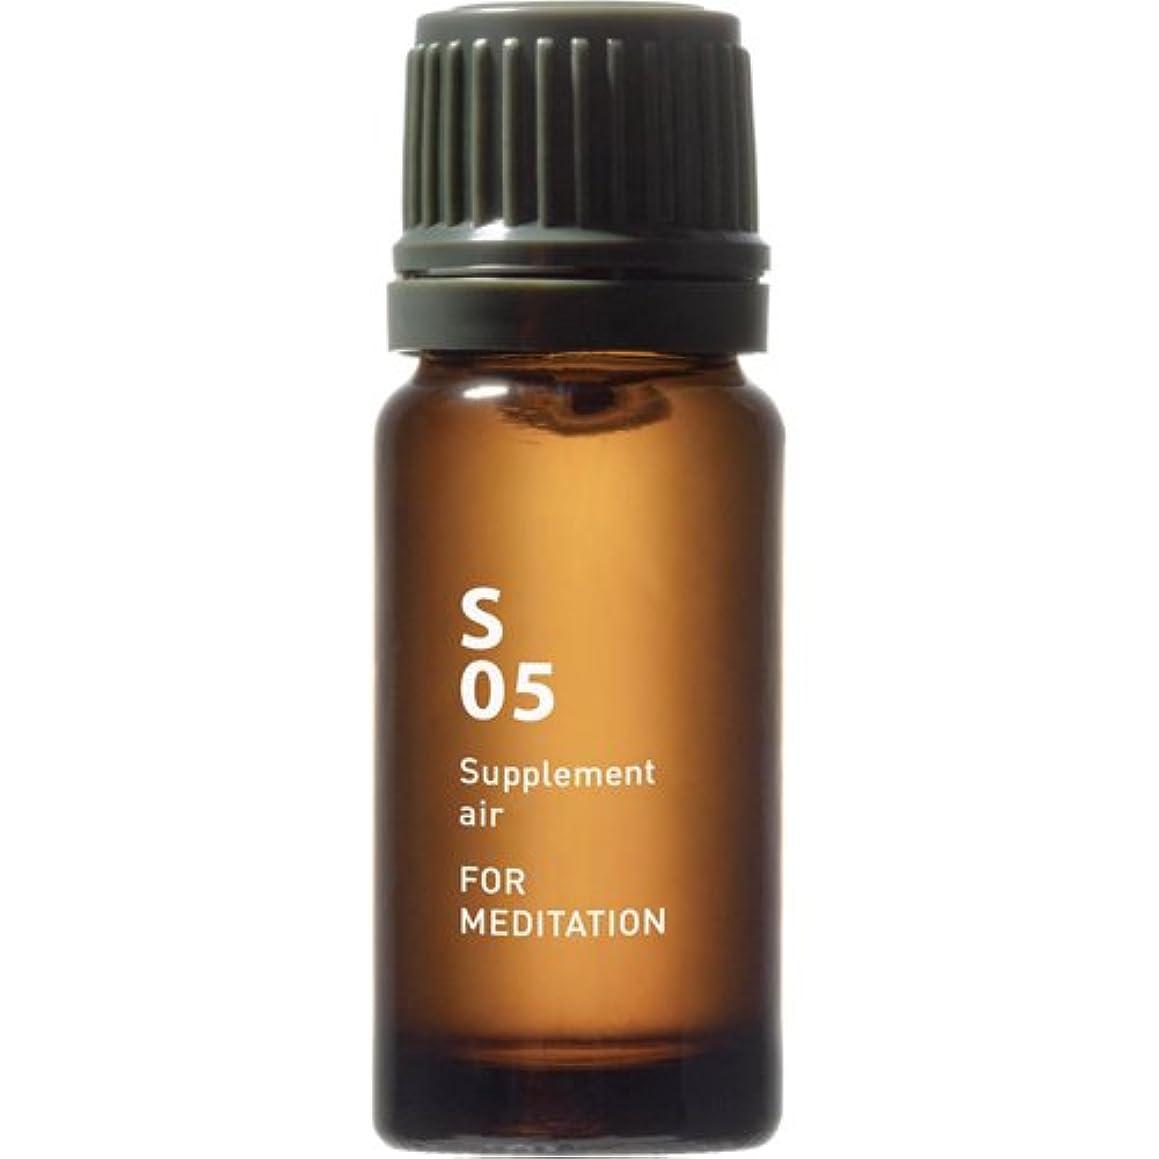 幻想人質に沿ってS05 FOR MEDITATION Supplement air 10ml